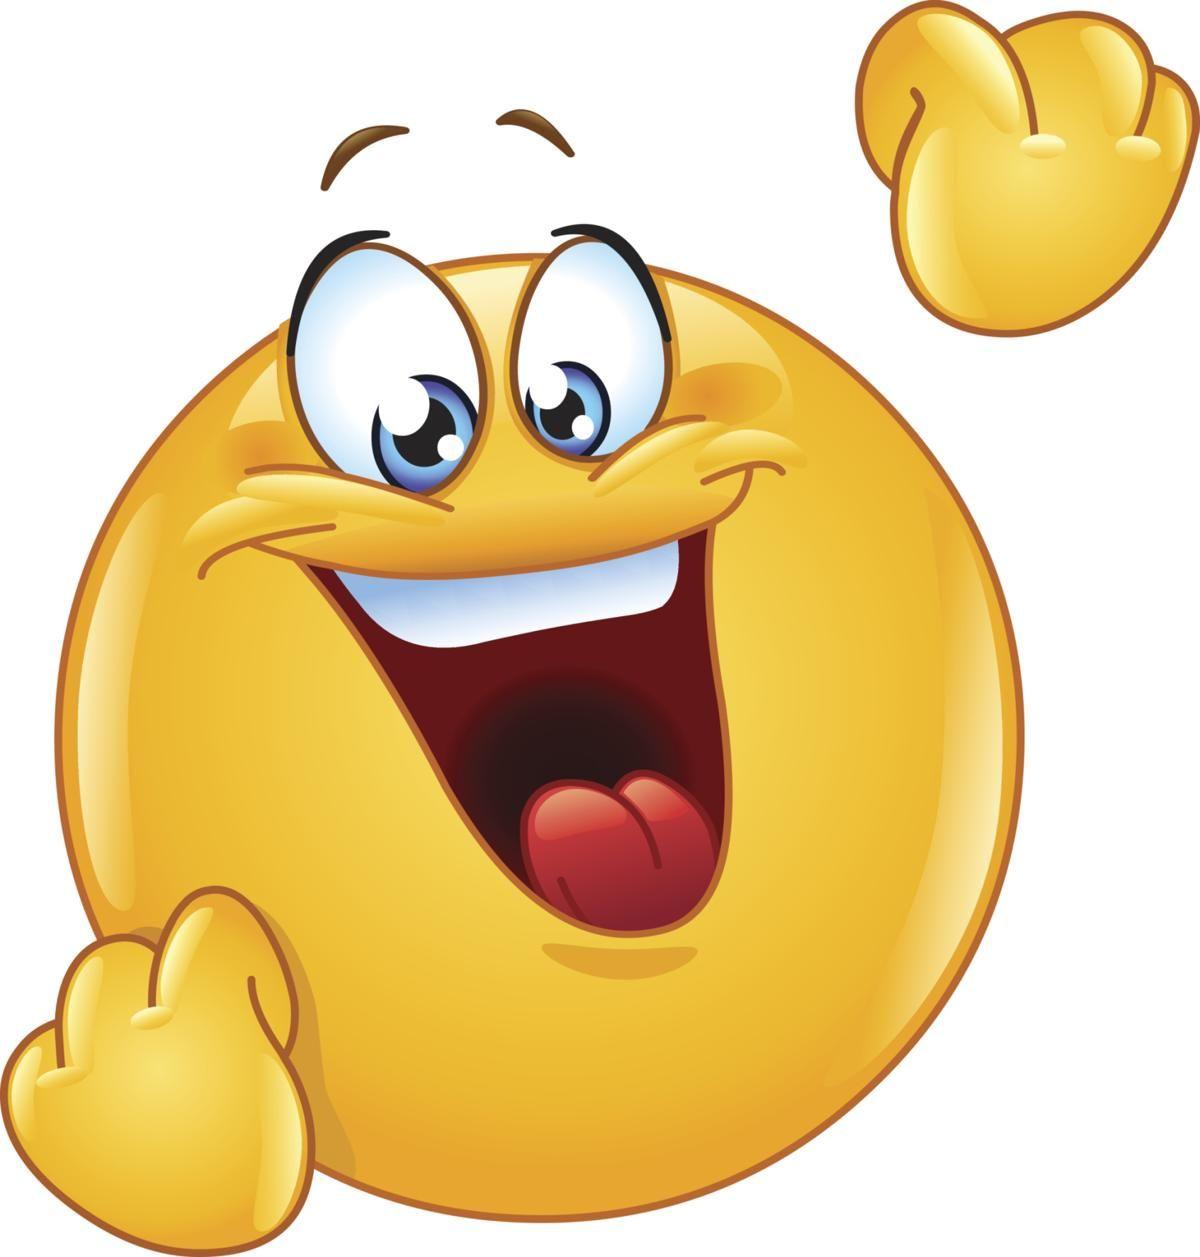 Happy Celebrating Emoticon Emoji Images Funny Emoticons Emoticon